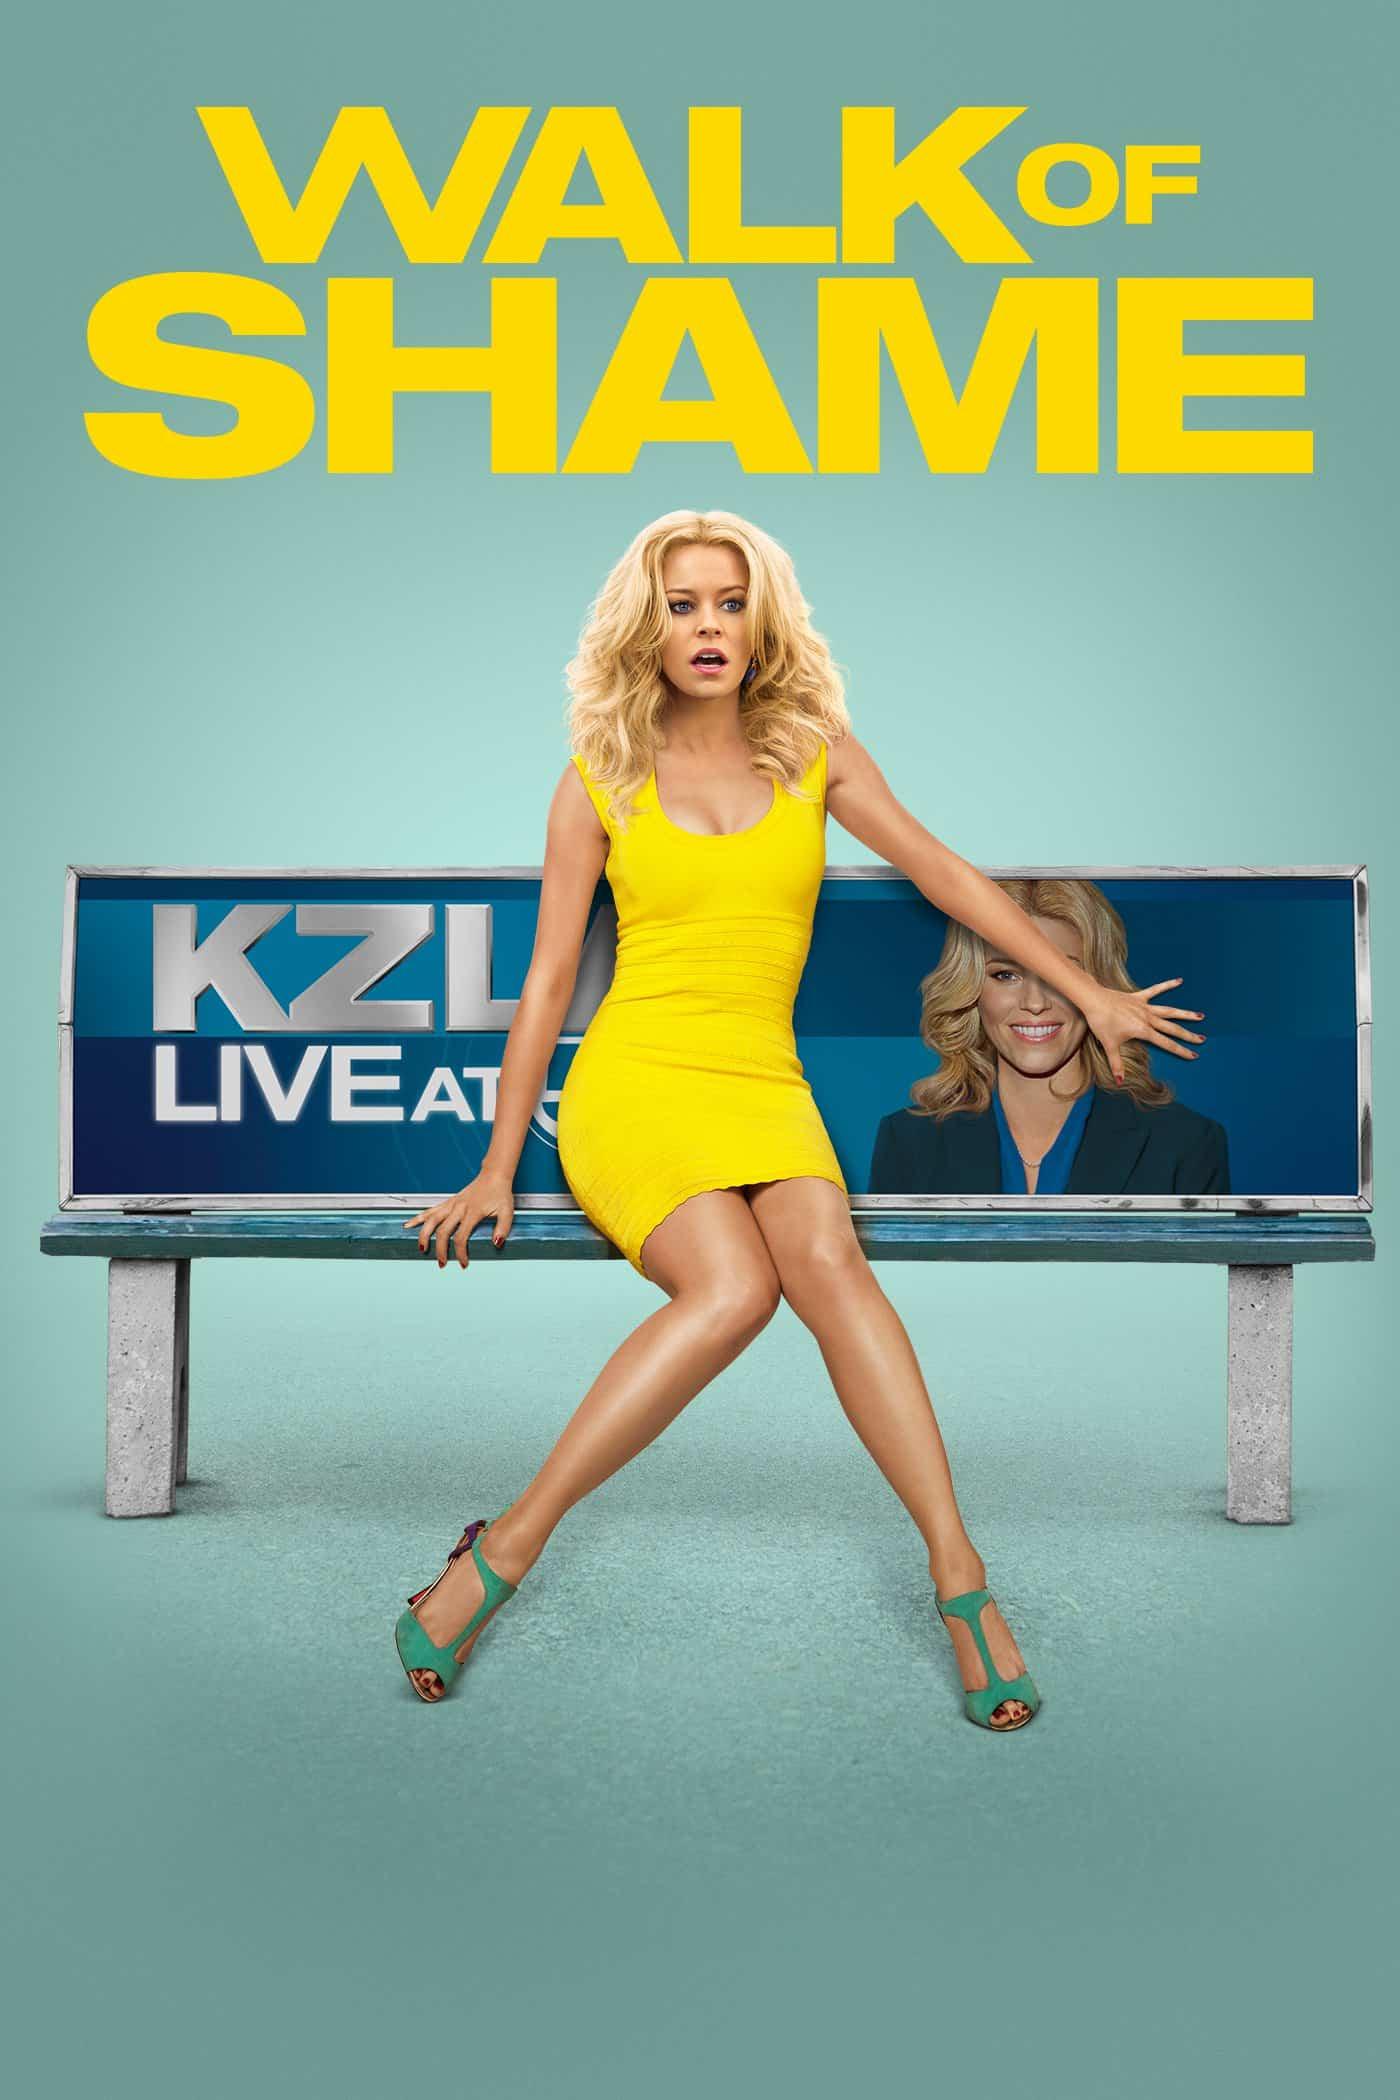 Walk of Shame, 2014